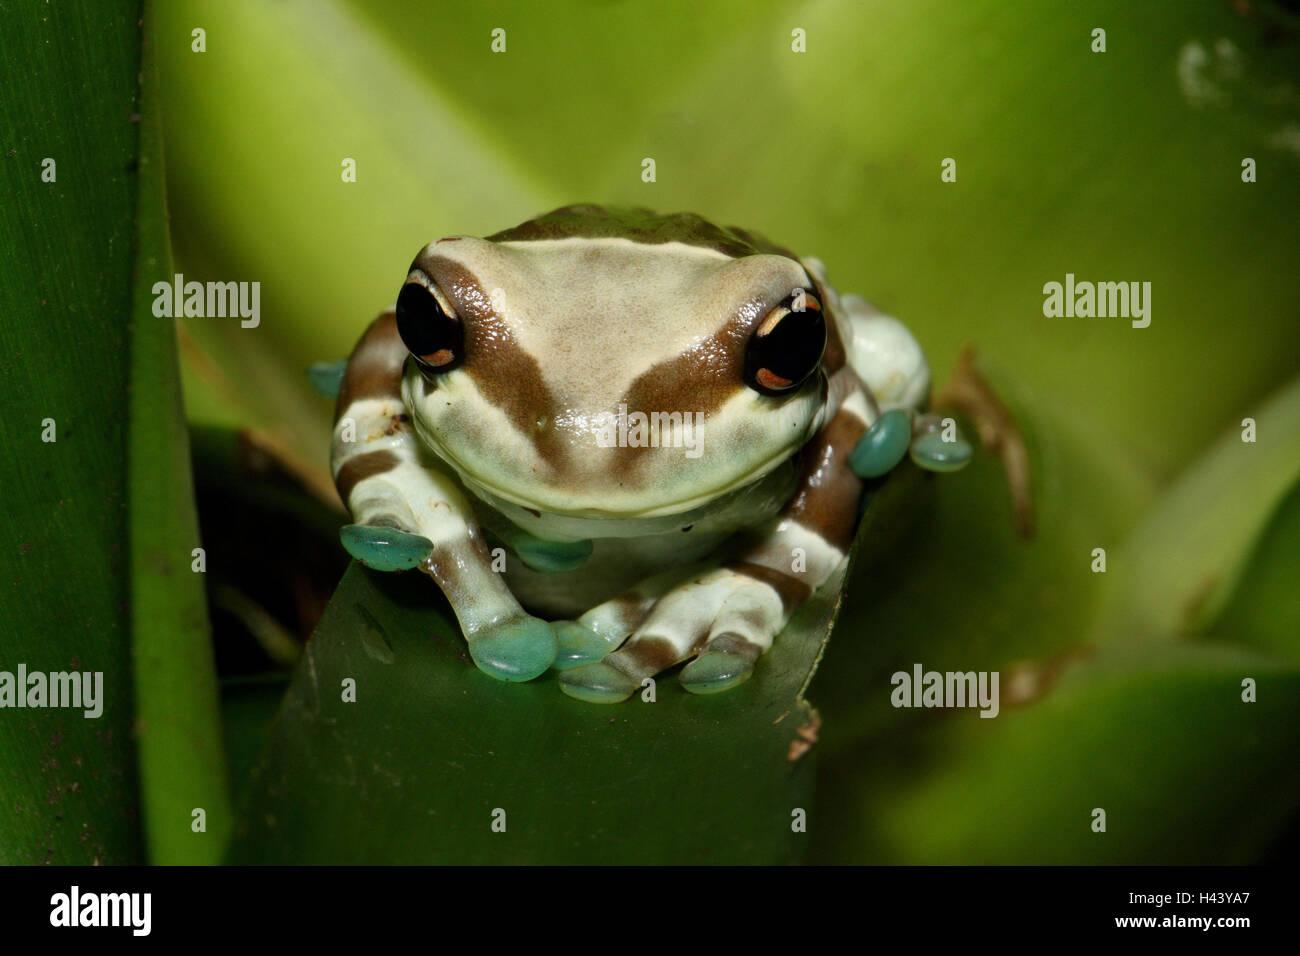 Rospo Rana Fogliame, foglie, sedersi, ritratto, tree box-Rospo Rana fogliame, rana, fogliame frog, rana anfibio Immagini Stock